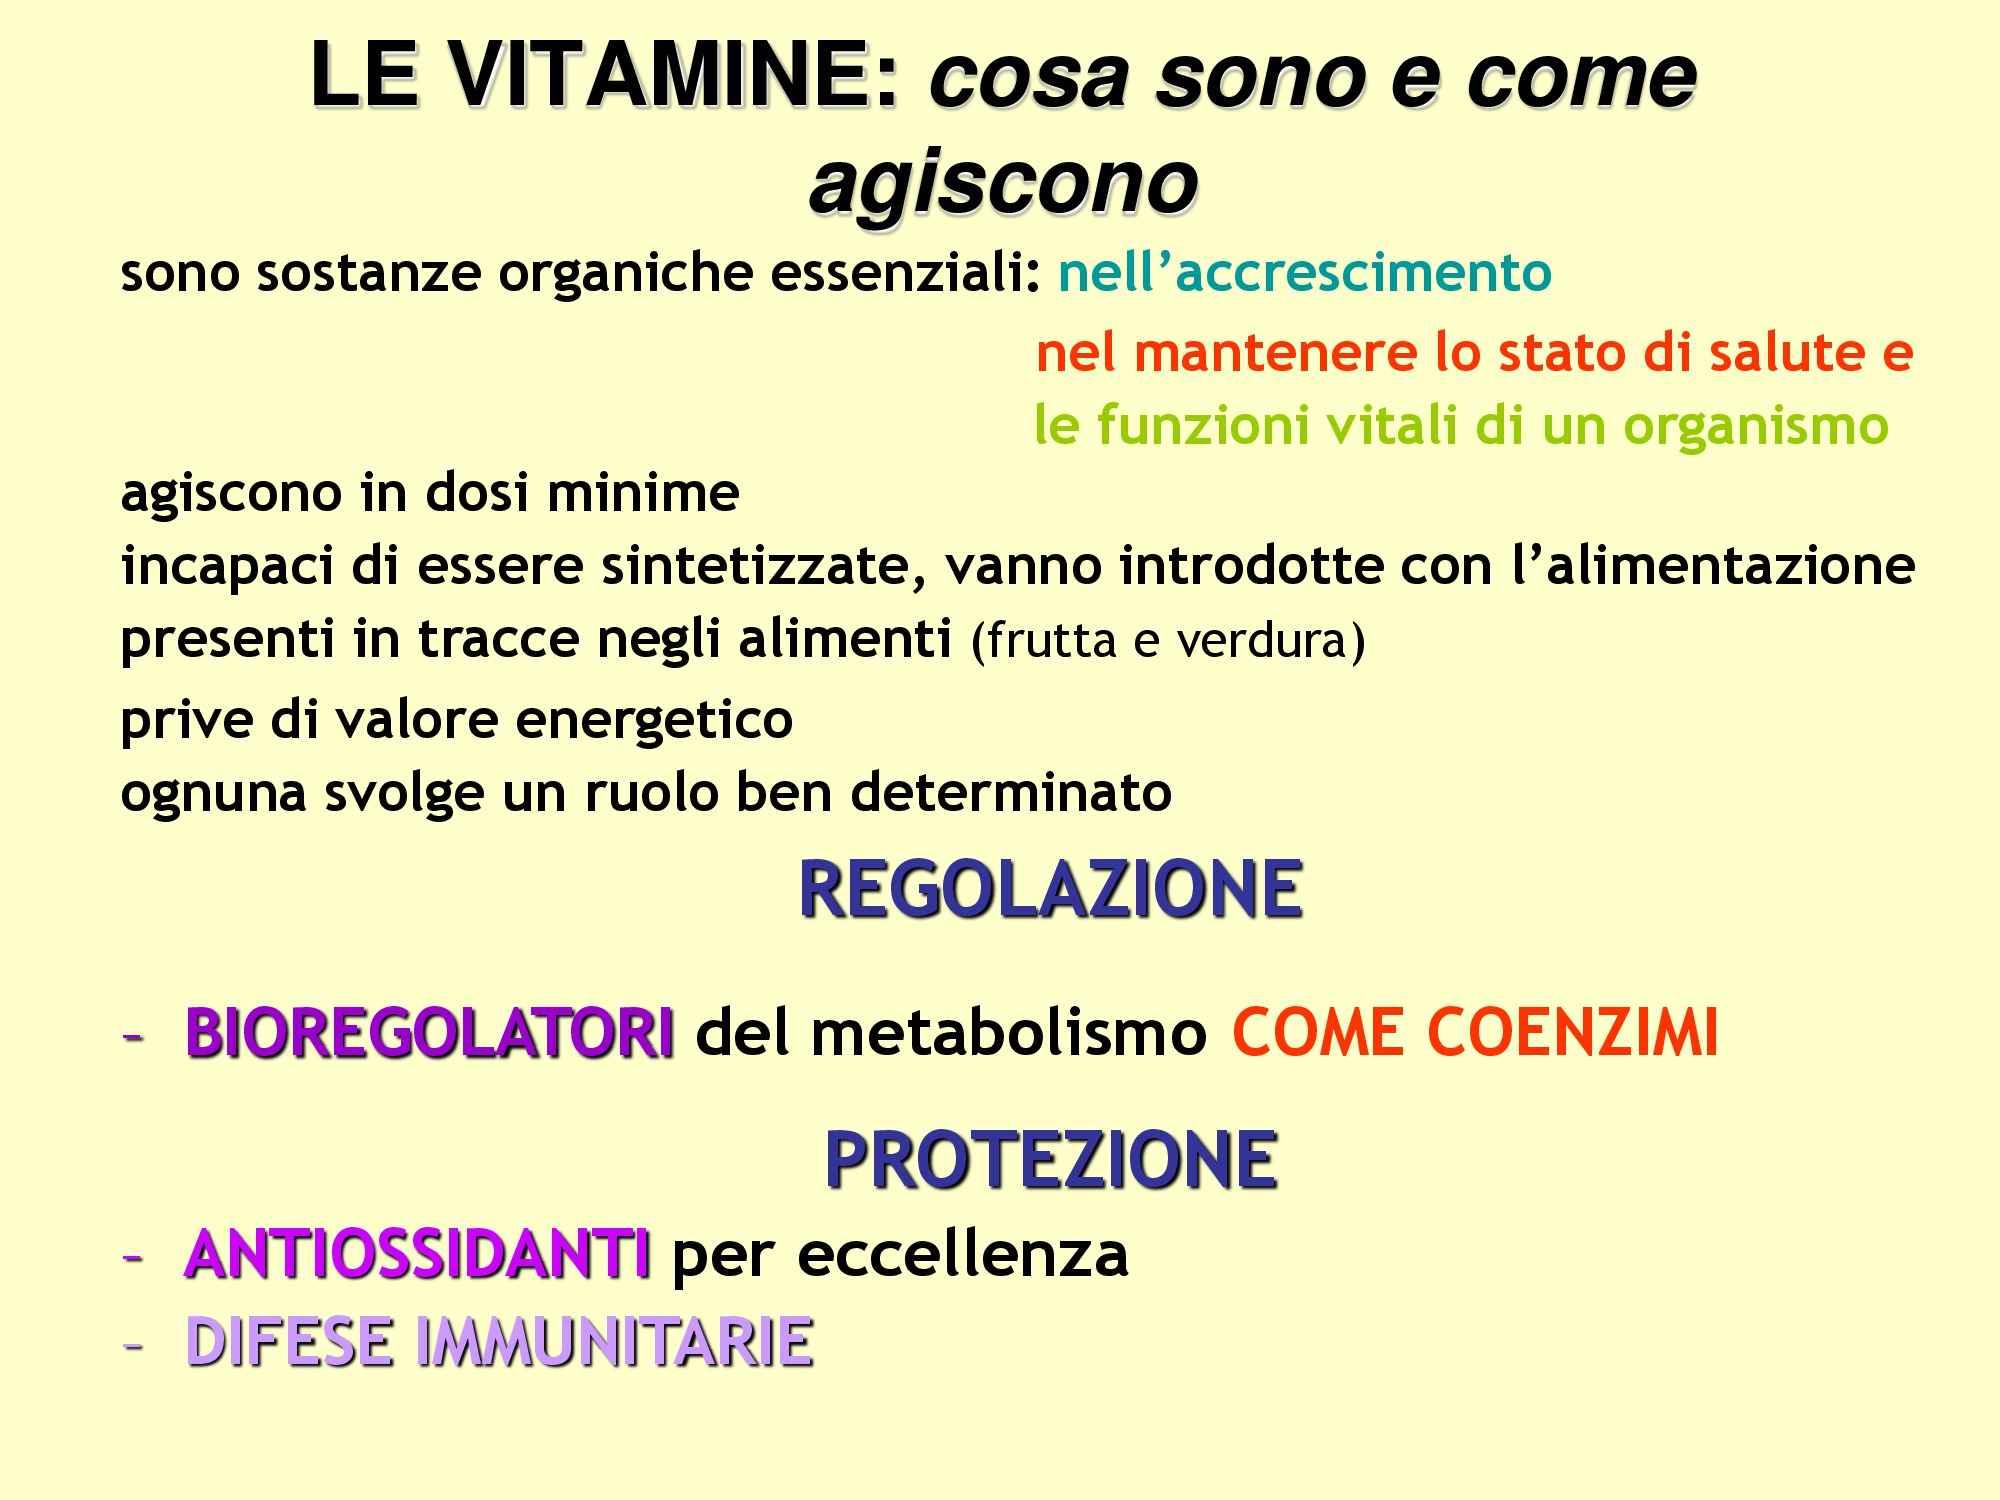 Vitamine, Dispensa di Chimica degli alimenti